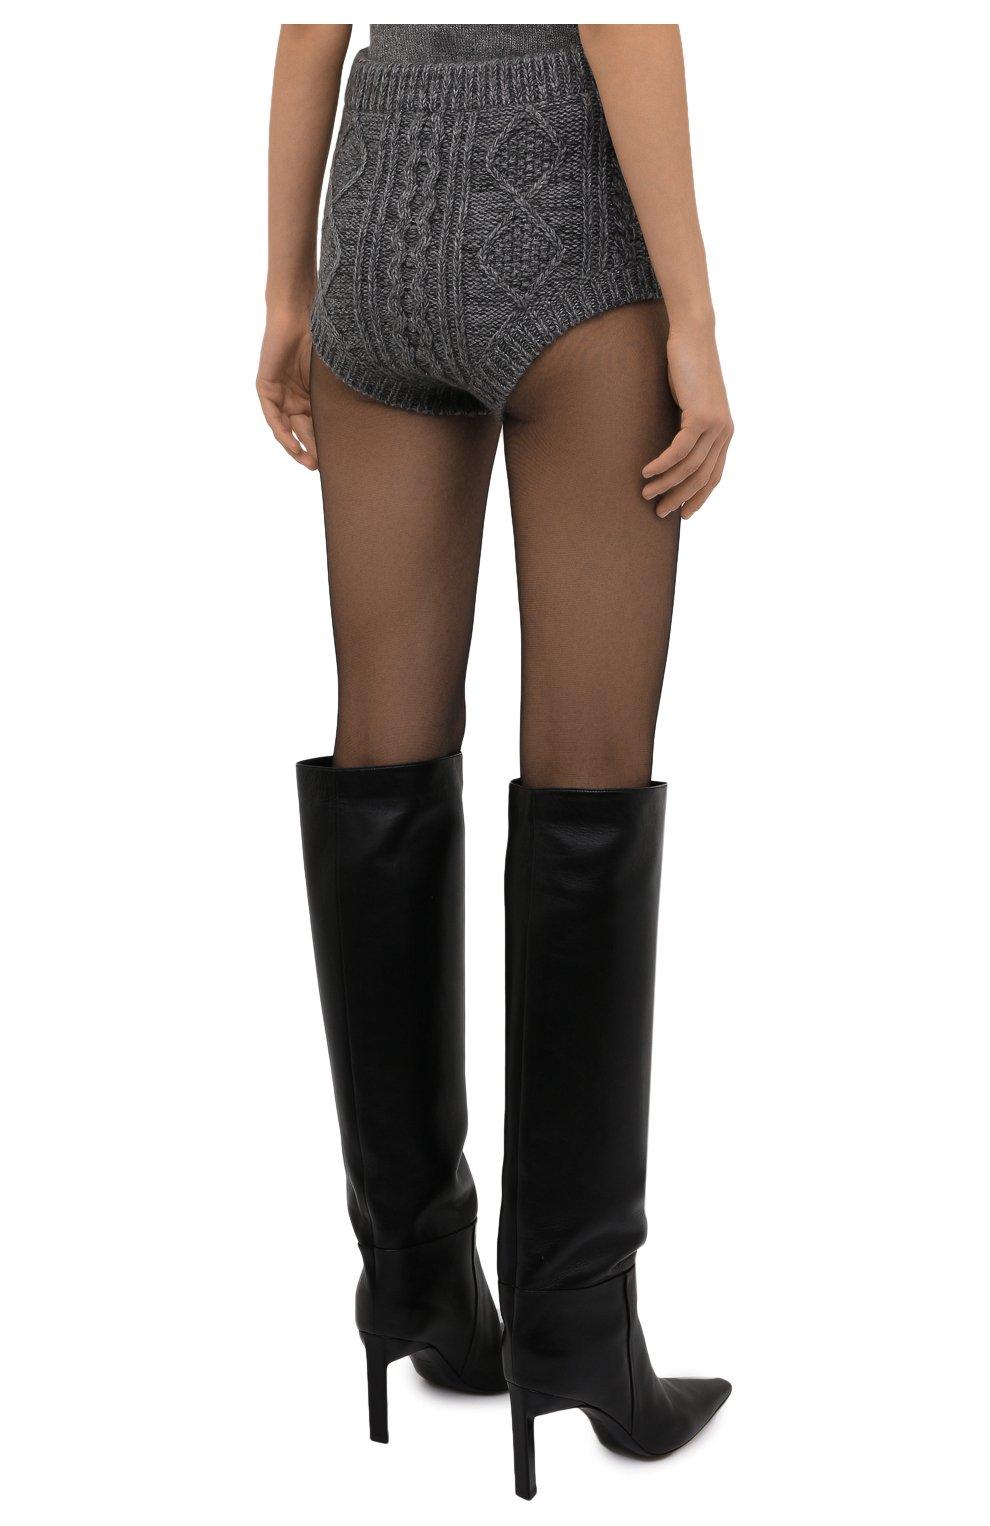 Женские шорты REDVALENTINO темно-серого цвета, арт. WR0KF00E/66S | Фото 4 (Женское Кросс-КТ: Шорты-одежда; Стили: Гламурный; Длина Ж (юбки, платья, шорты): Мини; Материал внешний: Синтетический материал; Кросс-КТ: Трикотаж)